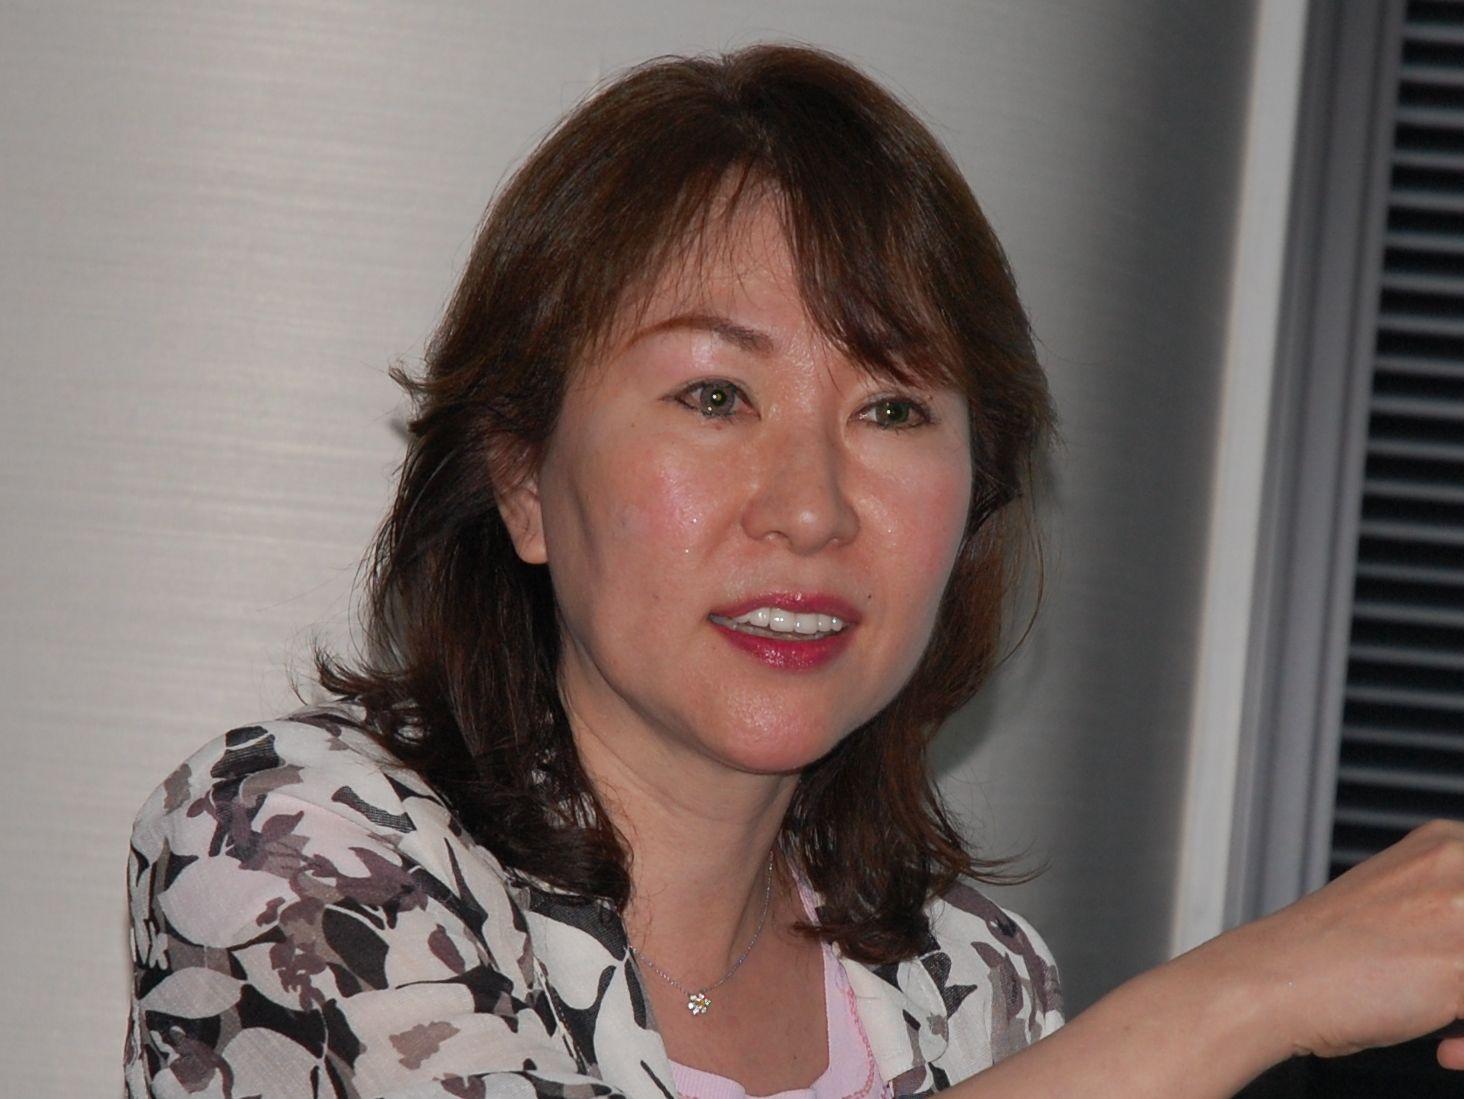 グローバルヘルスコンサルティング・ジャパン(GHC)代表取締役社長の渡辺幸子。病院の戦略を立てる上では「地域から何を求められるのか」を最重視しなければいけないと強調する。